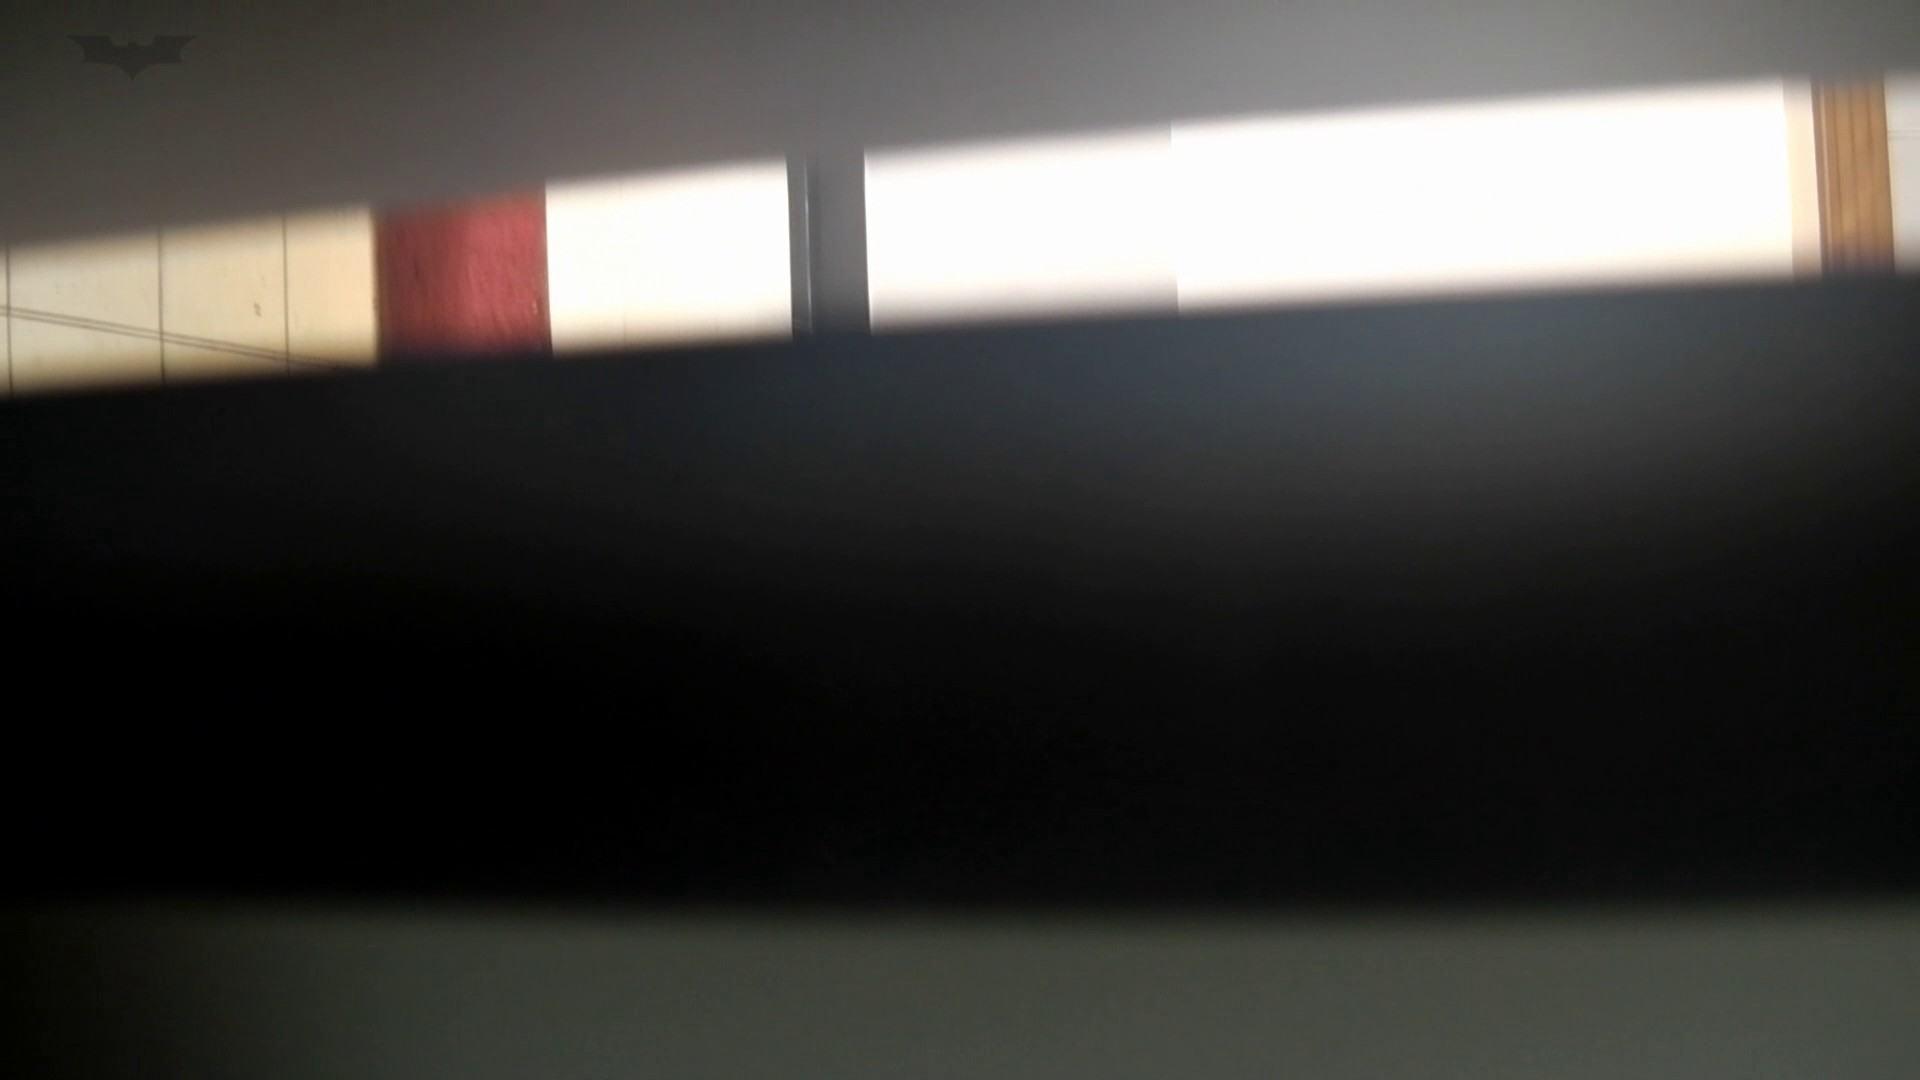 お銀 vol.74 典型的な韓国人美女登場!! お姉さん攻略 SEX無修正画像 84画像 17